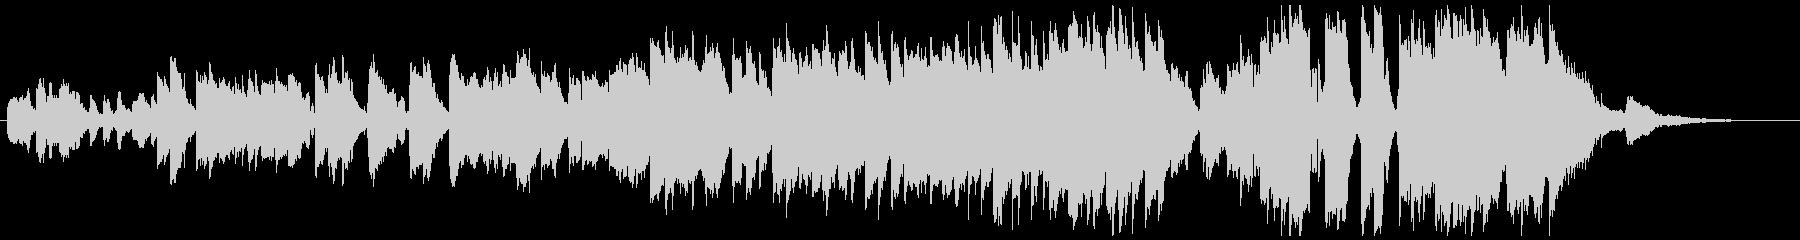 ホルスト「木星」鍵ハモとピアノの二重奏の未再生の波形